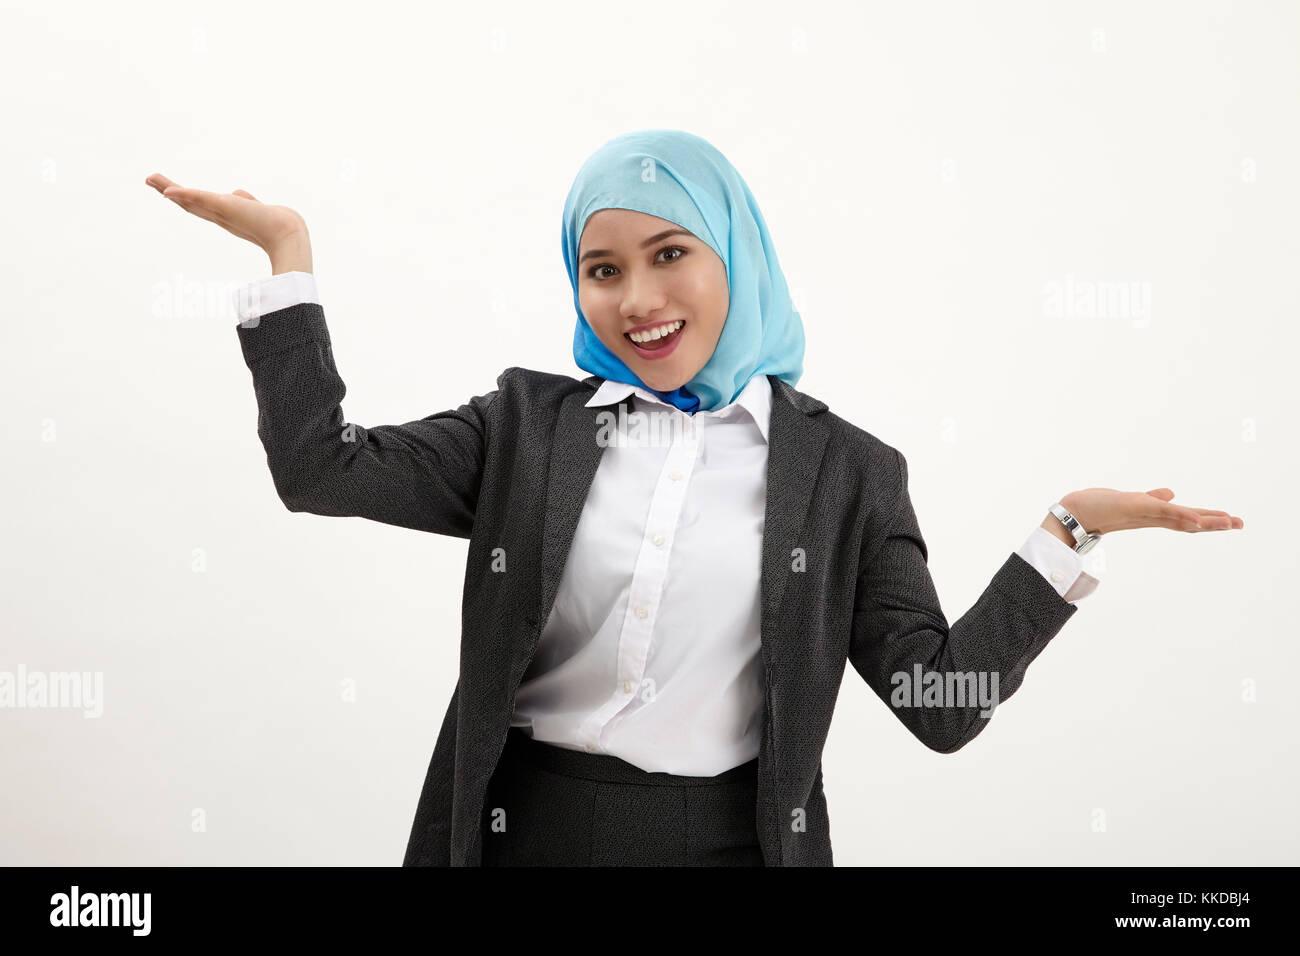 Interlocuteur view of a young woman présentant des avantages et inconvénients Photo Stock